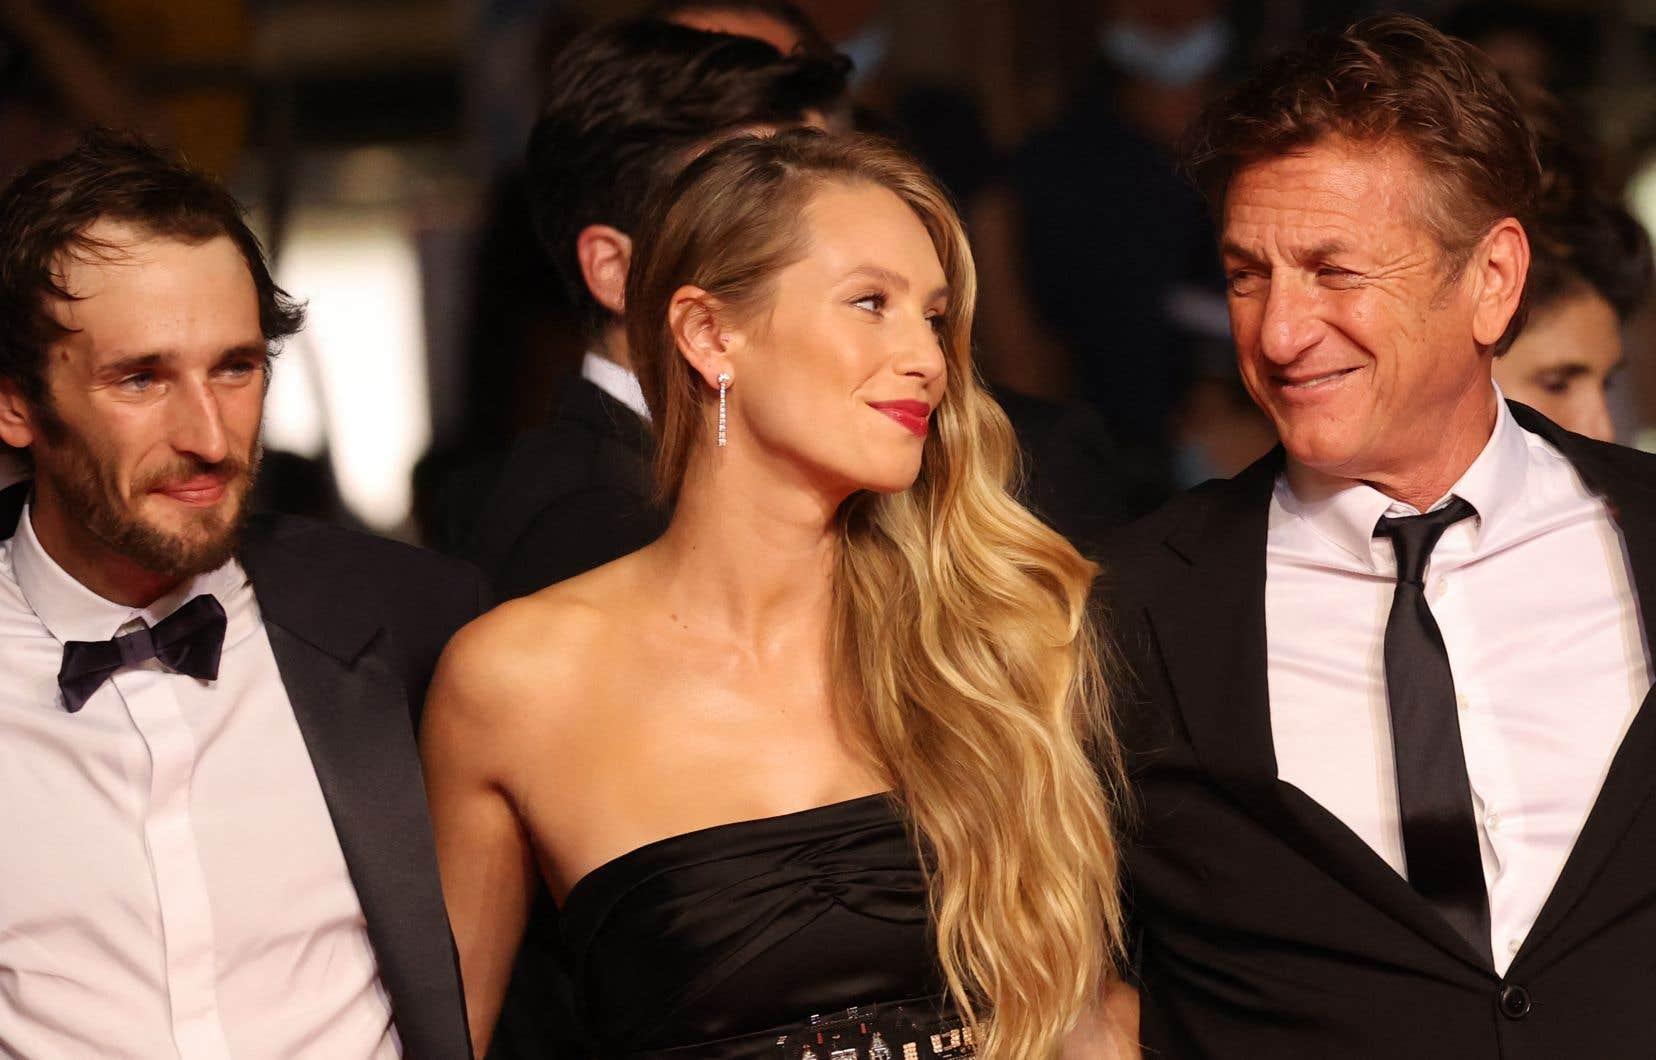 Pour la première fois, Sean Penn s'offre la vedette dans un de ses films, en plus d'y entraîner sa progéniture. Dylan Penn joue ainsi sa fille adulte, Jennifer Vogel, et son fils est incarné par Nick Penn.